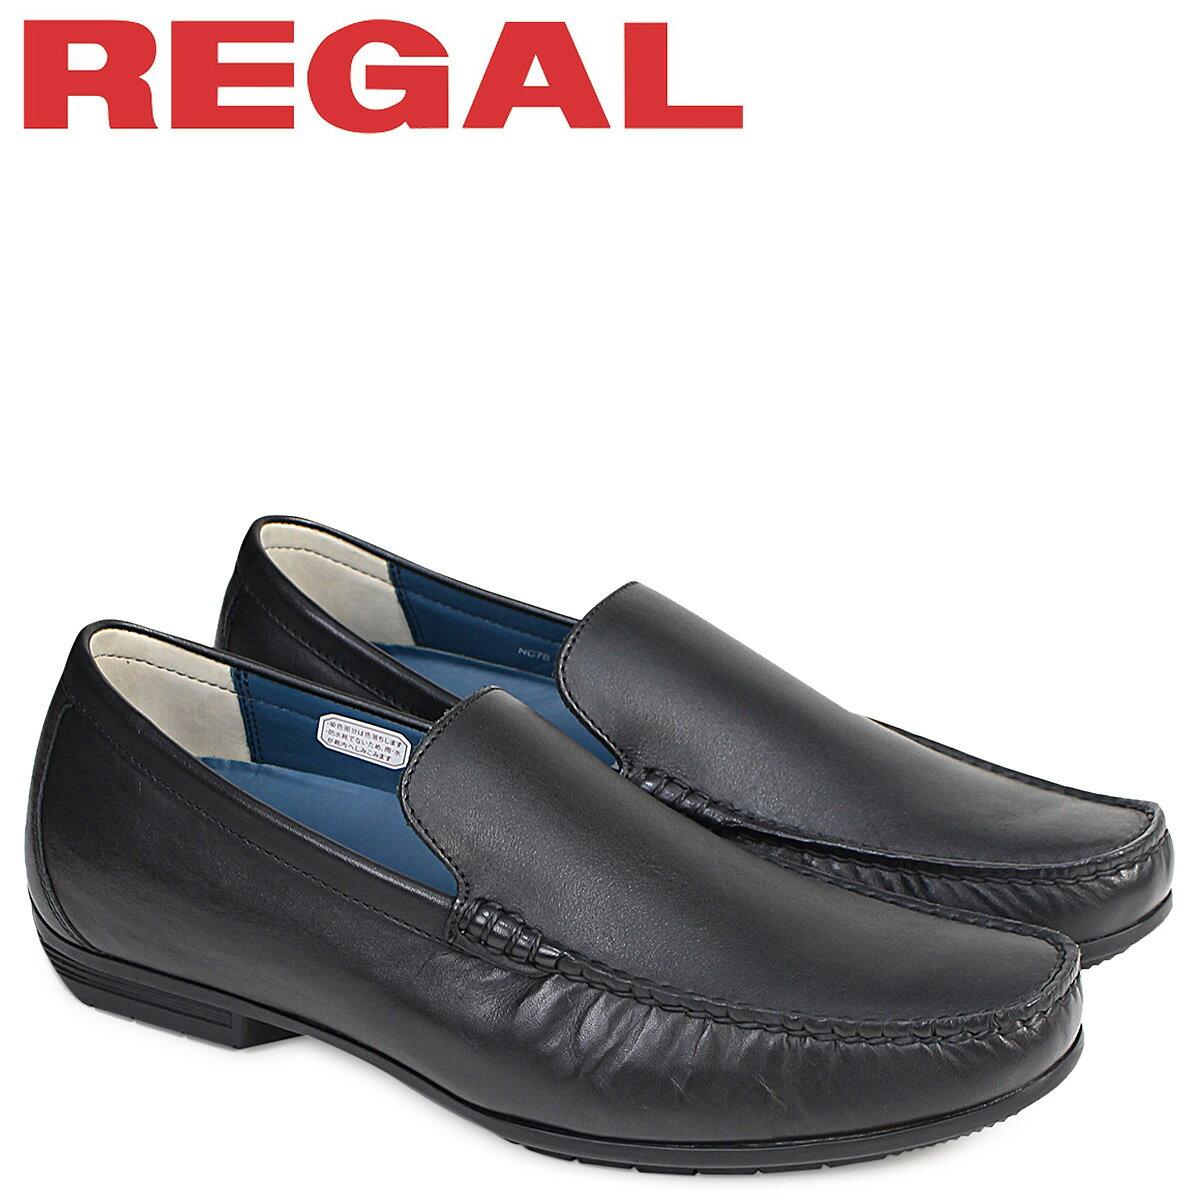 リーガル 靴 メンズ REGAL ヴァンプ 56HRAF ドライビングシューズ カジュアル ブラック [8/7 追加入荷]